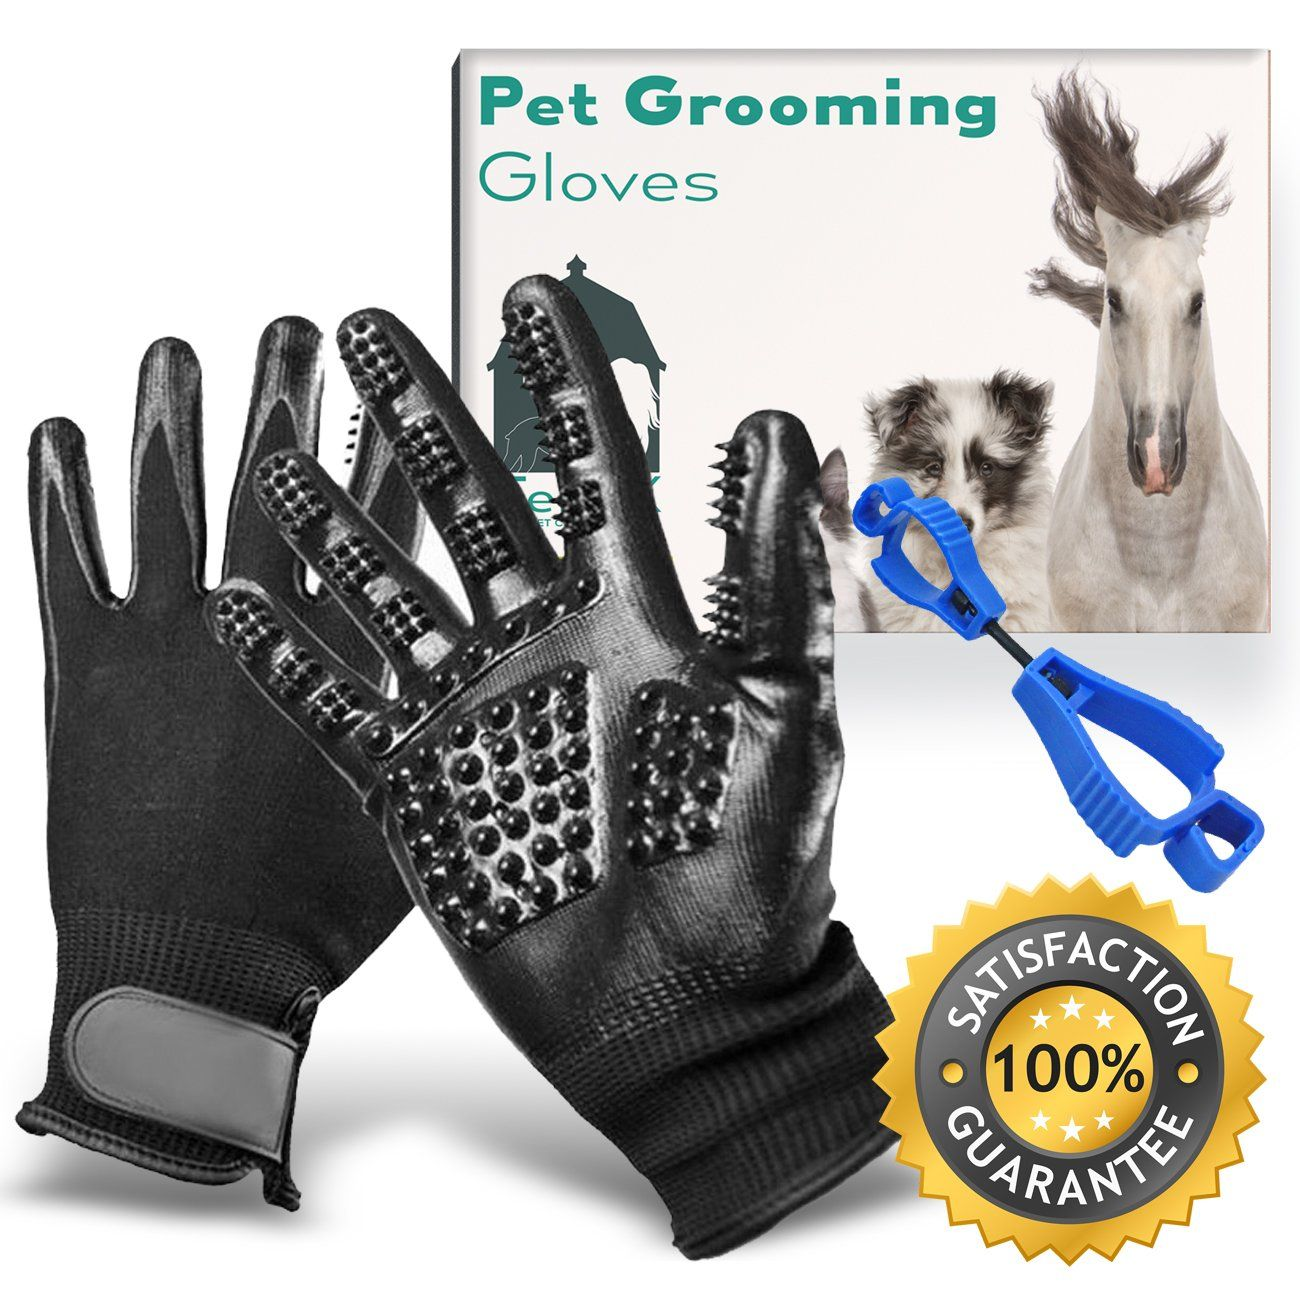 Pet Grooming Glove,Pet Grooming Gloves,Pet Grooming Glove